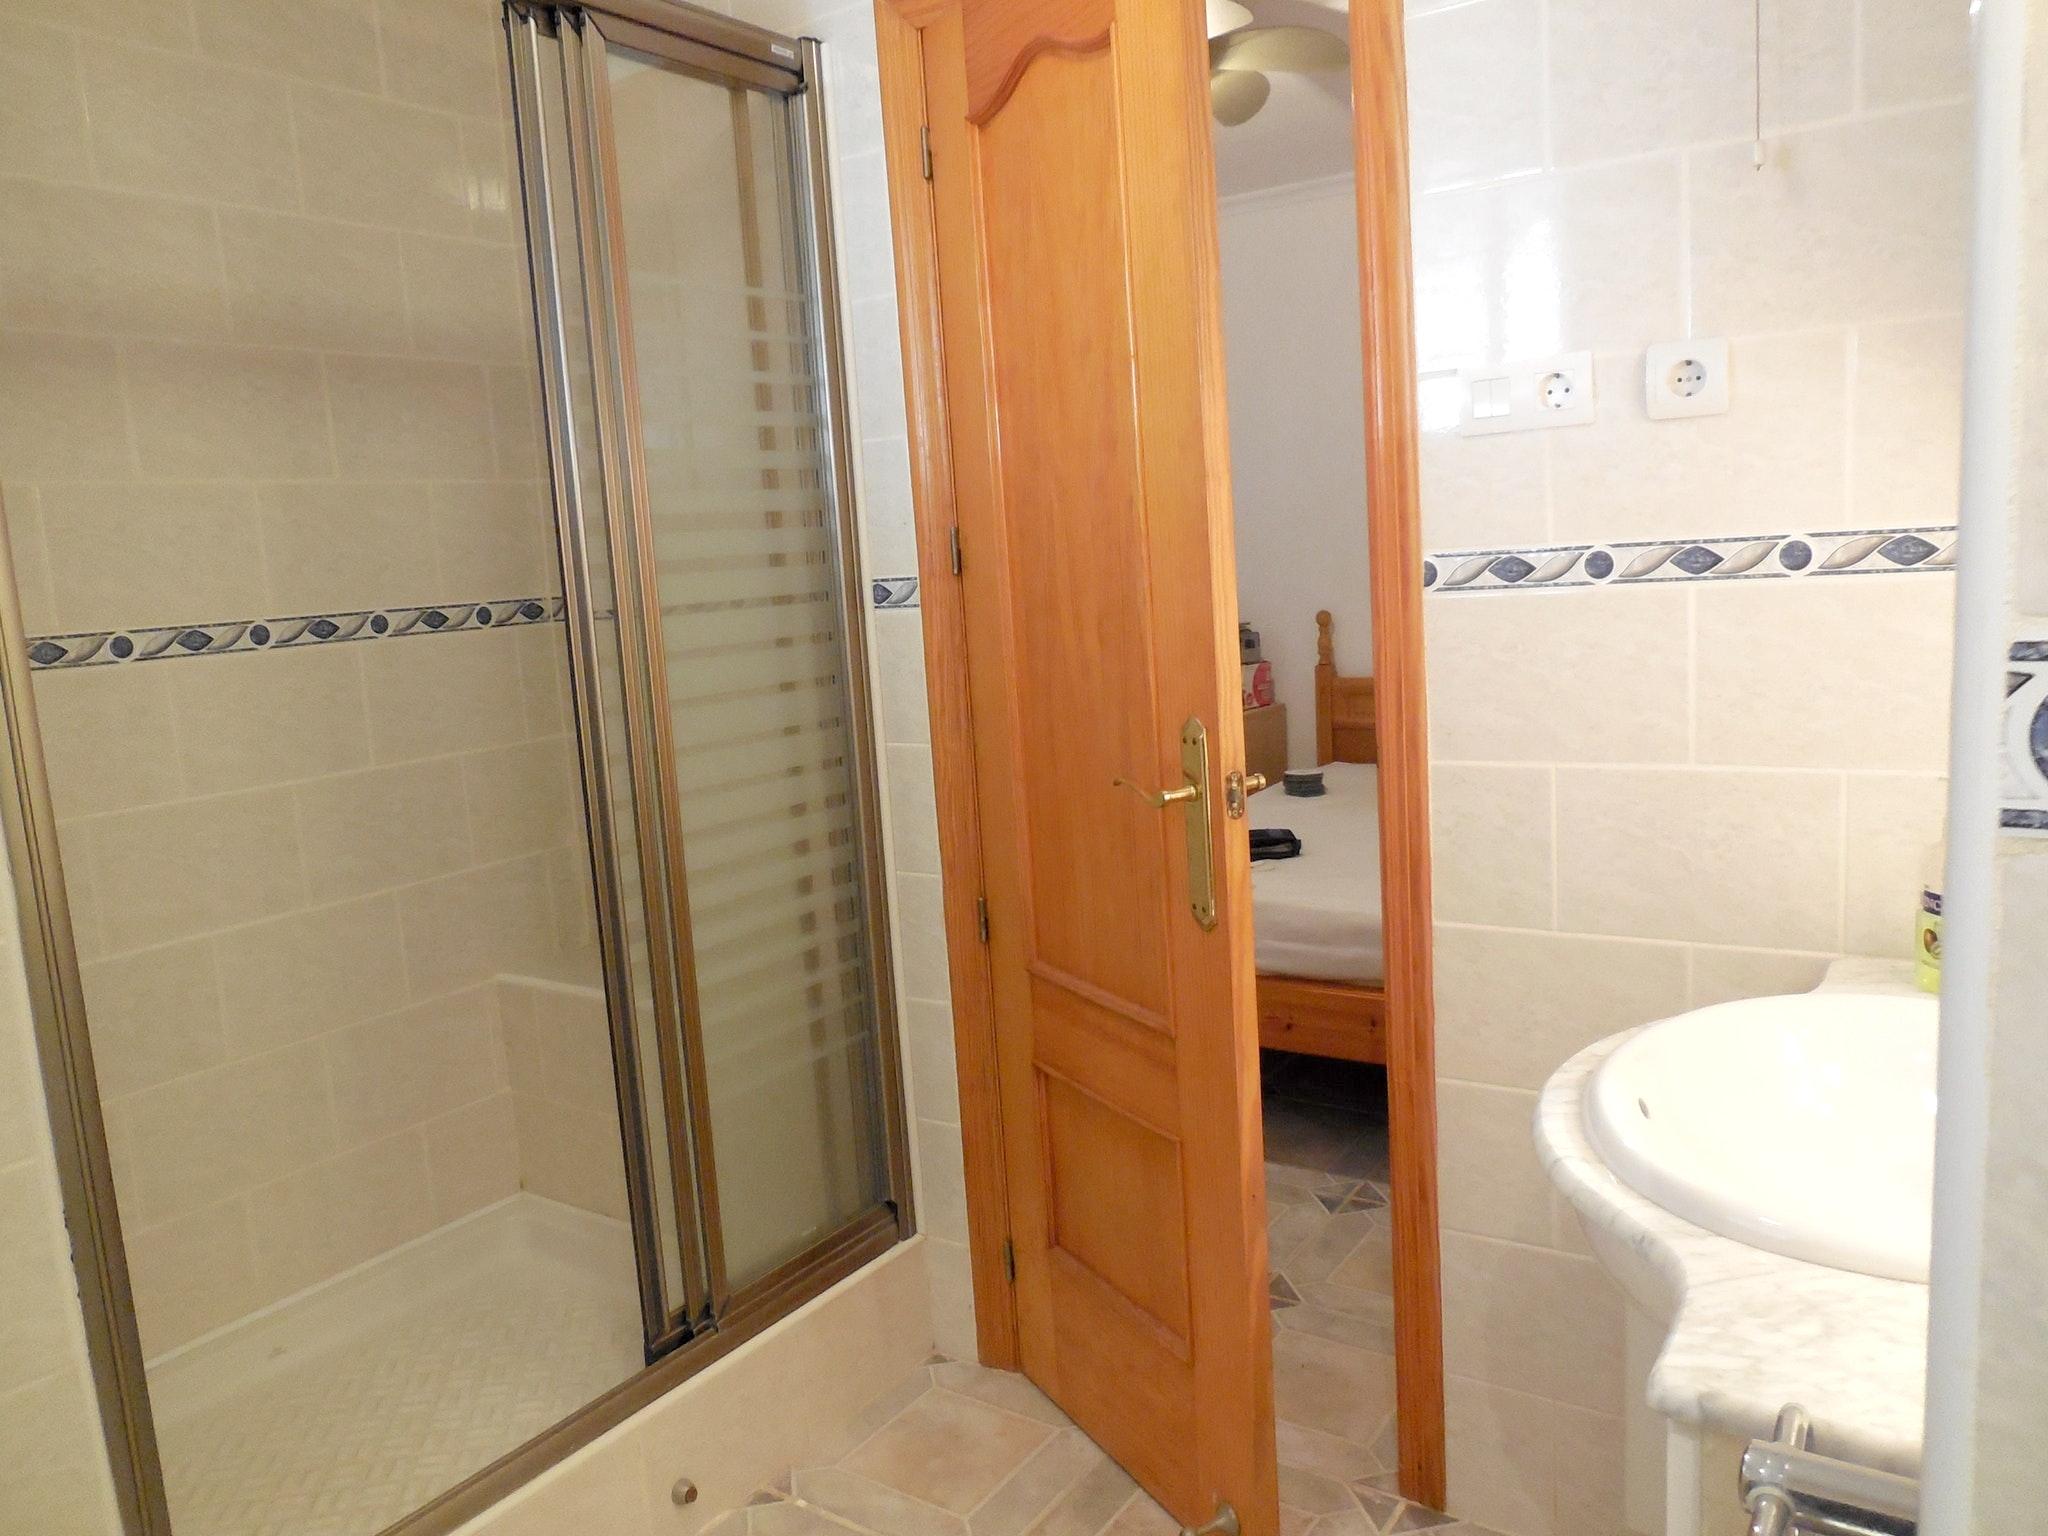 Maison de vacances Villa mit 2 Schlafzimmern in Mazarrón mit toller Aussicht auf die Berge, privatem Pool, ei (2632538), Mazarron, Costa Calida, Murcie, Espagne, image 29